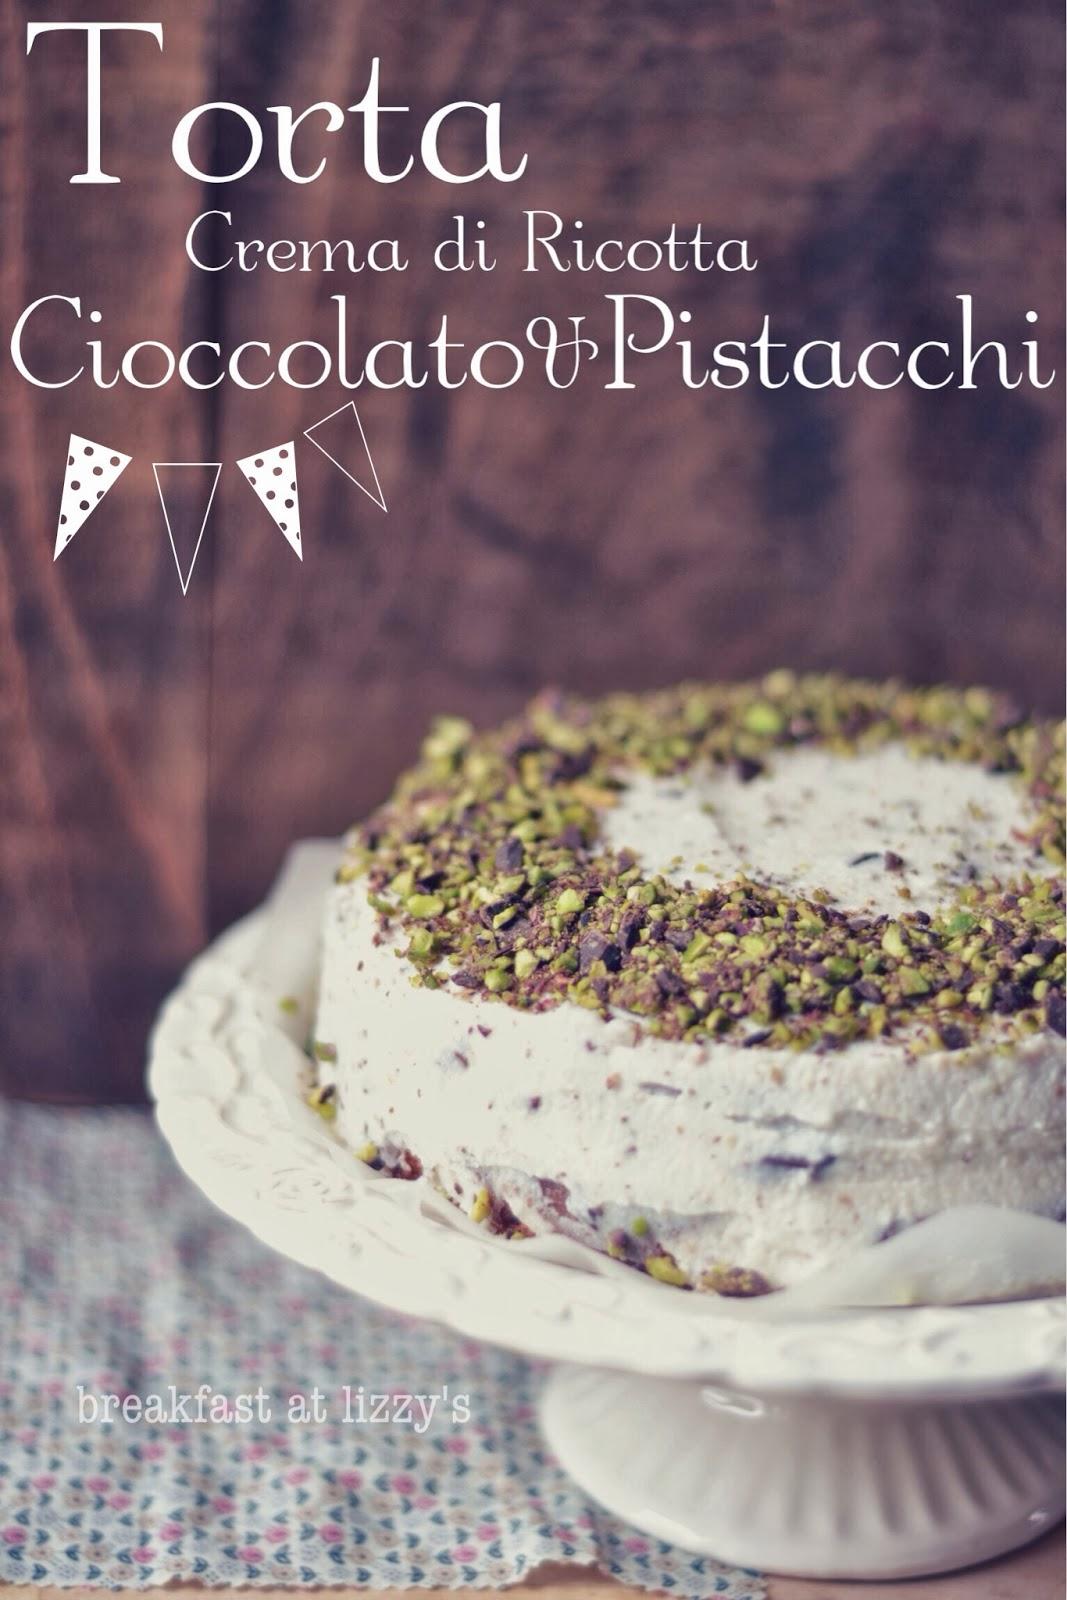 Torta con Crema di Ricotta Cioccolato e Pistacchi